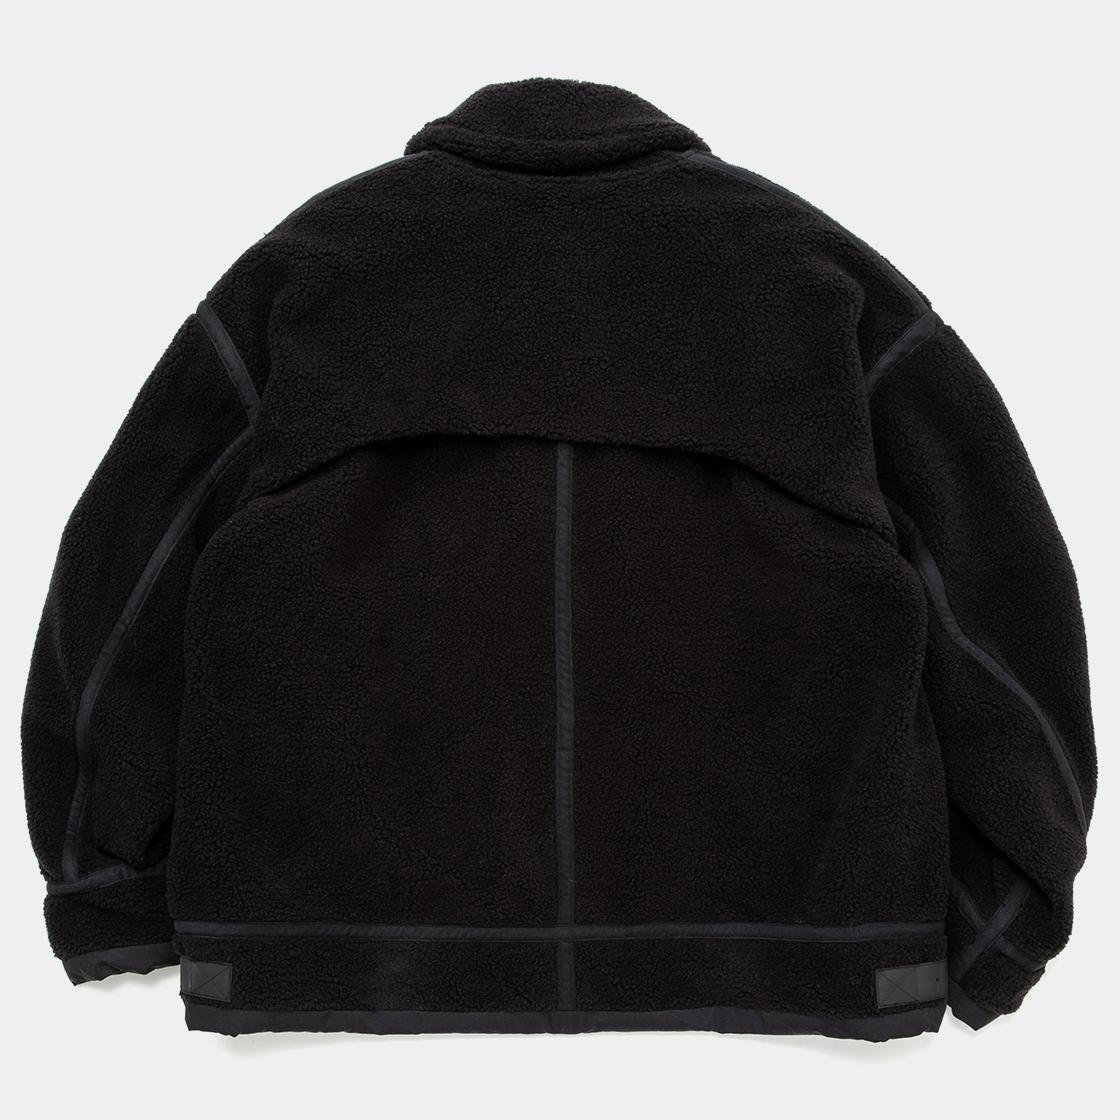 Retro Fleece B3 / Off Black